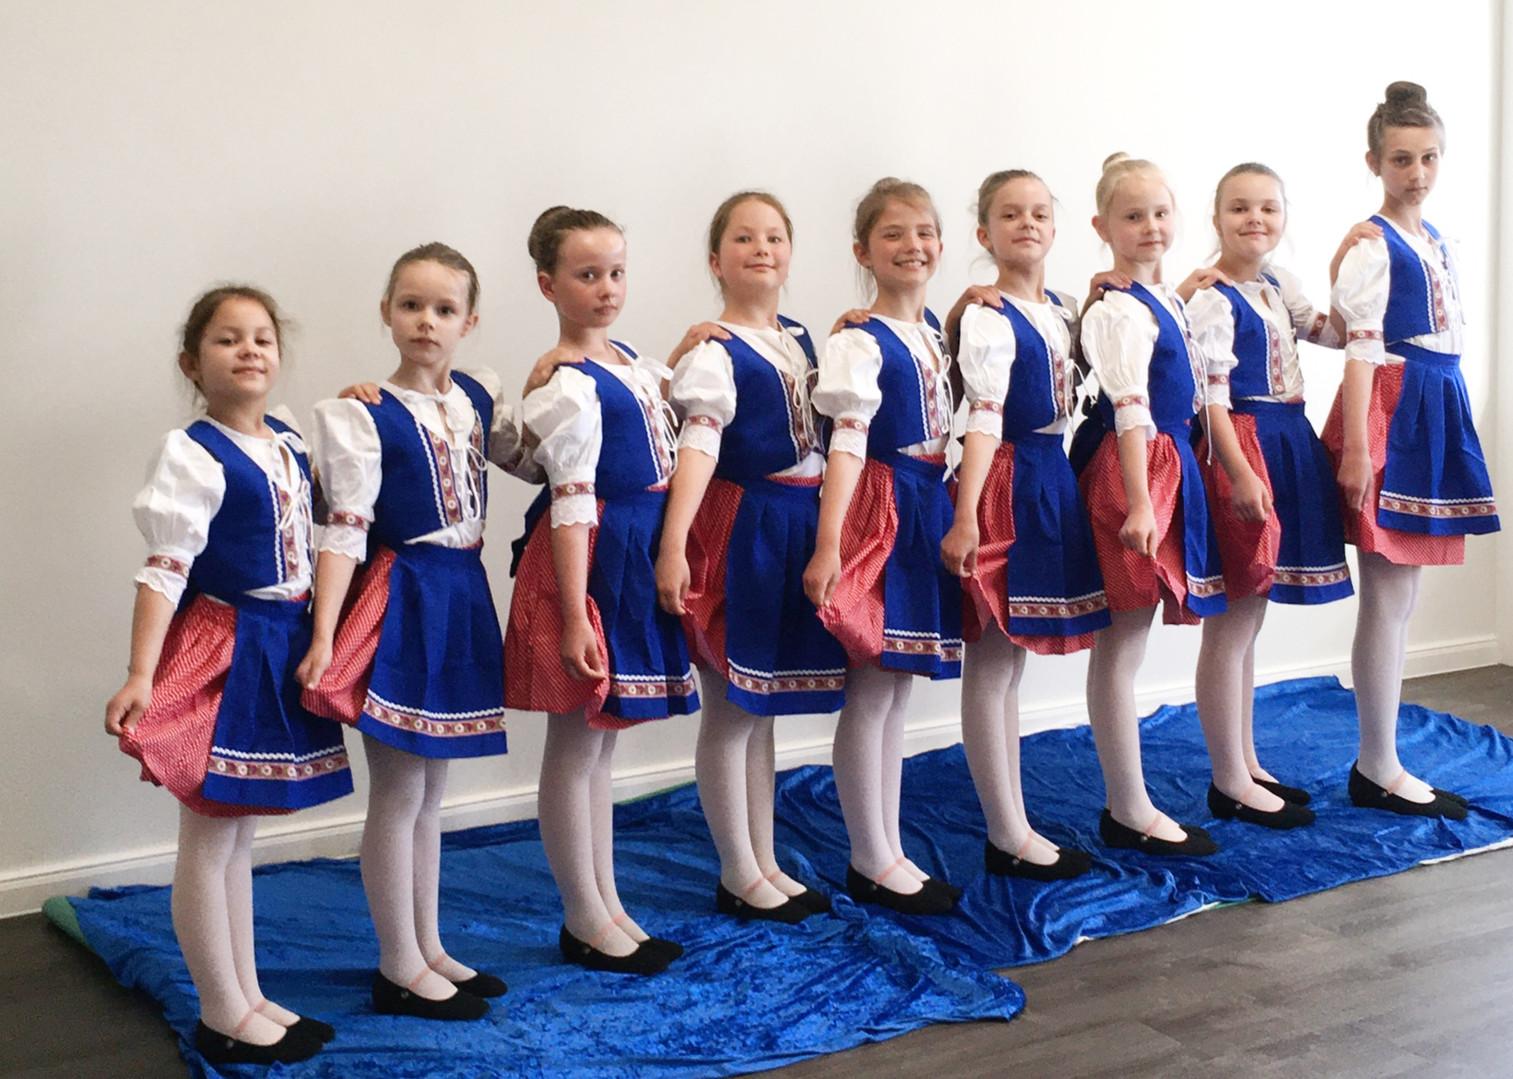 Slovakischer Mädchentanz